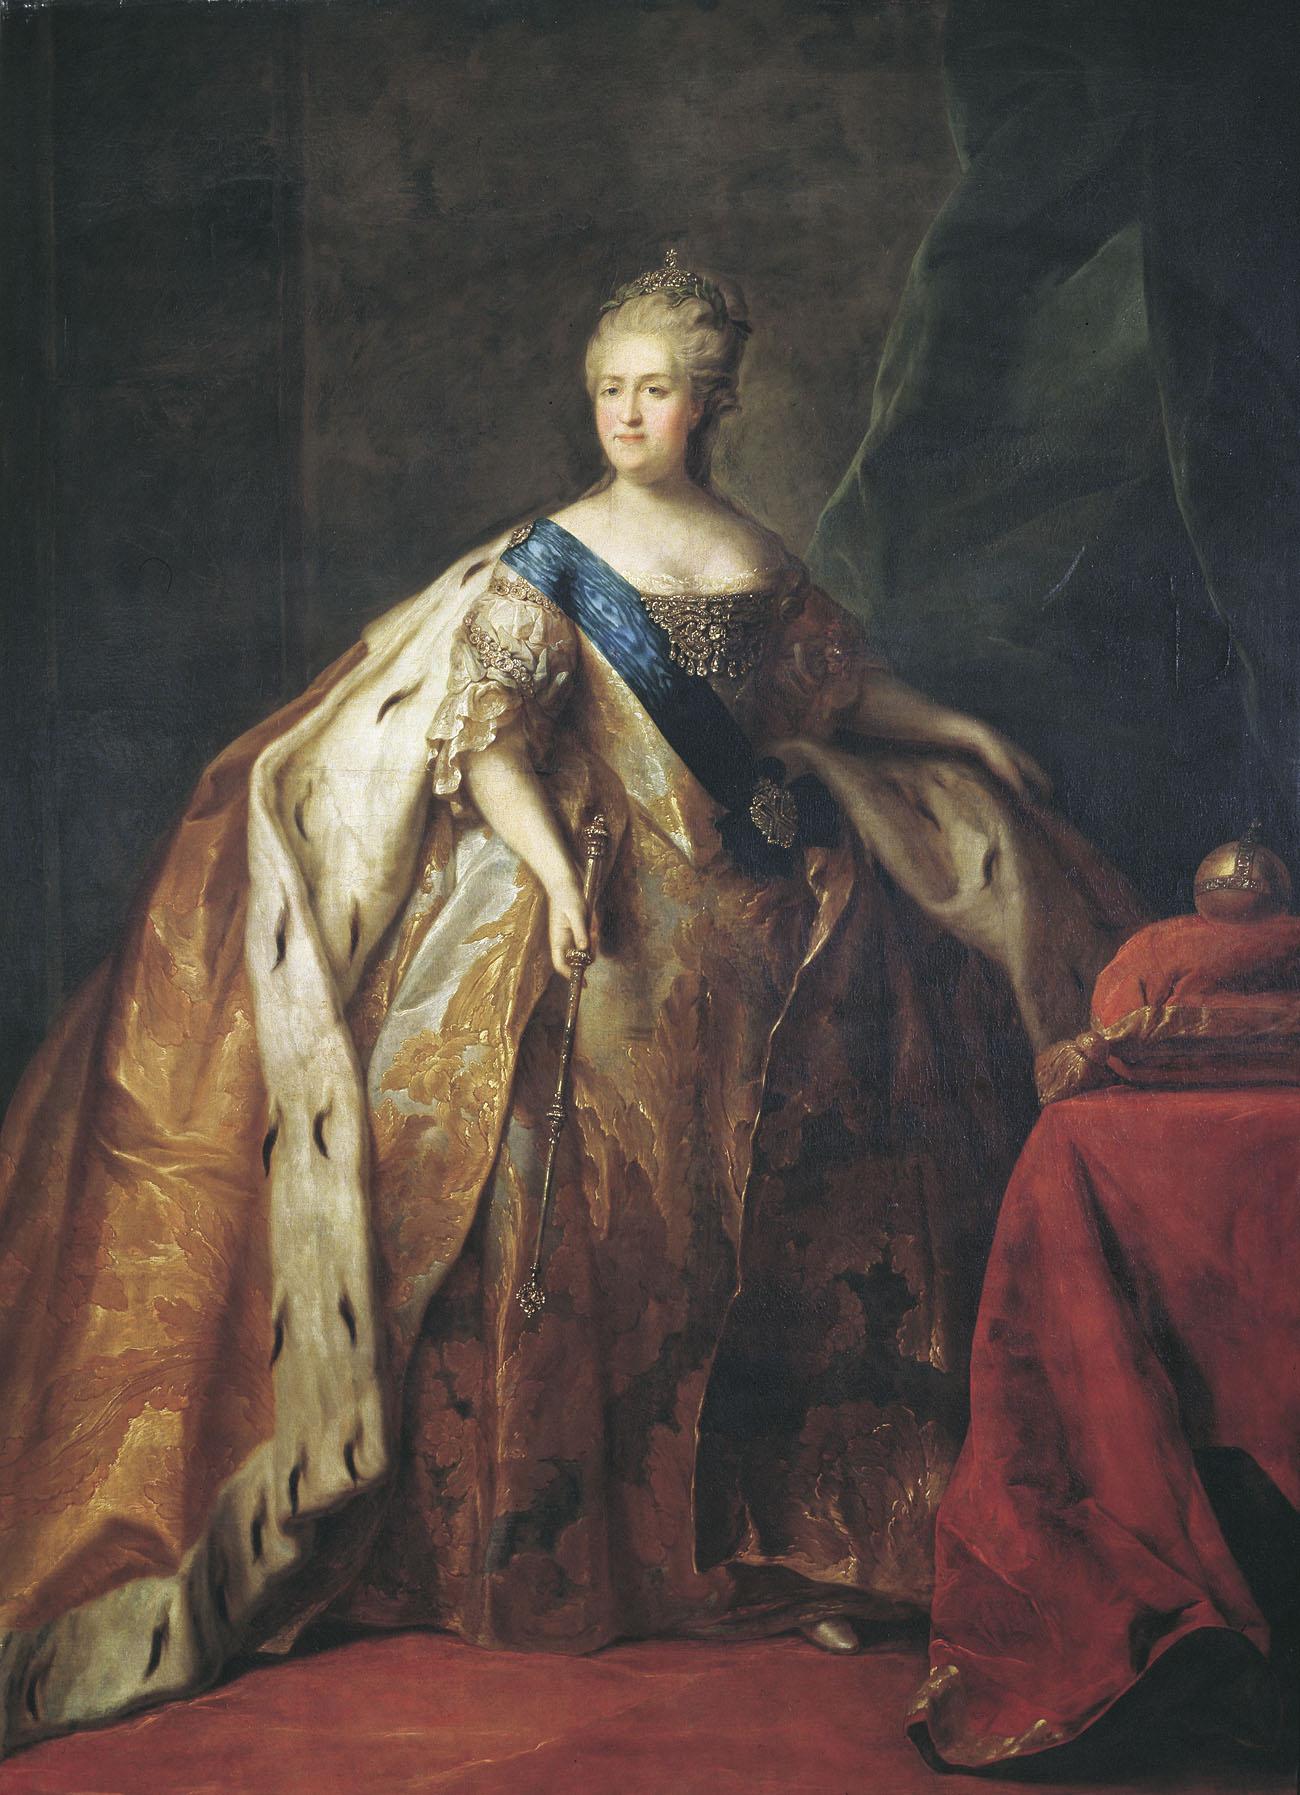 Пётр Дрождин. Портрет Екатерины II. 1796.